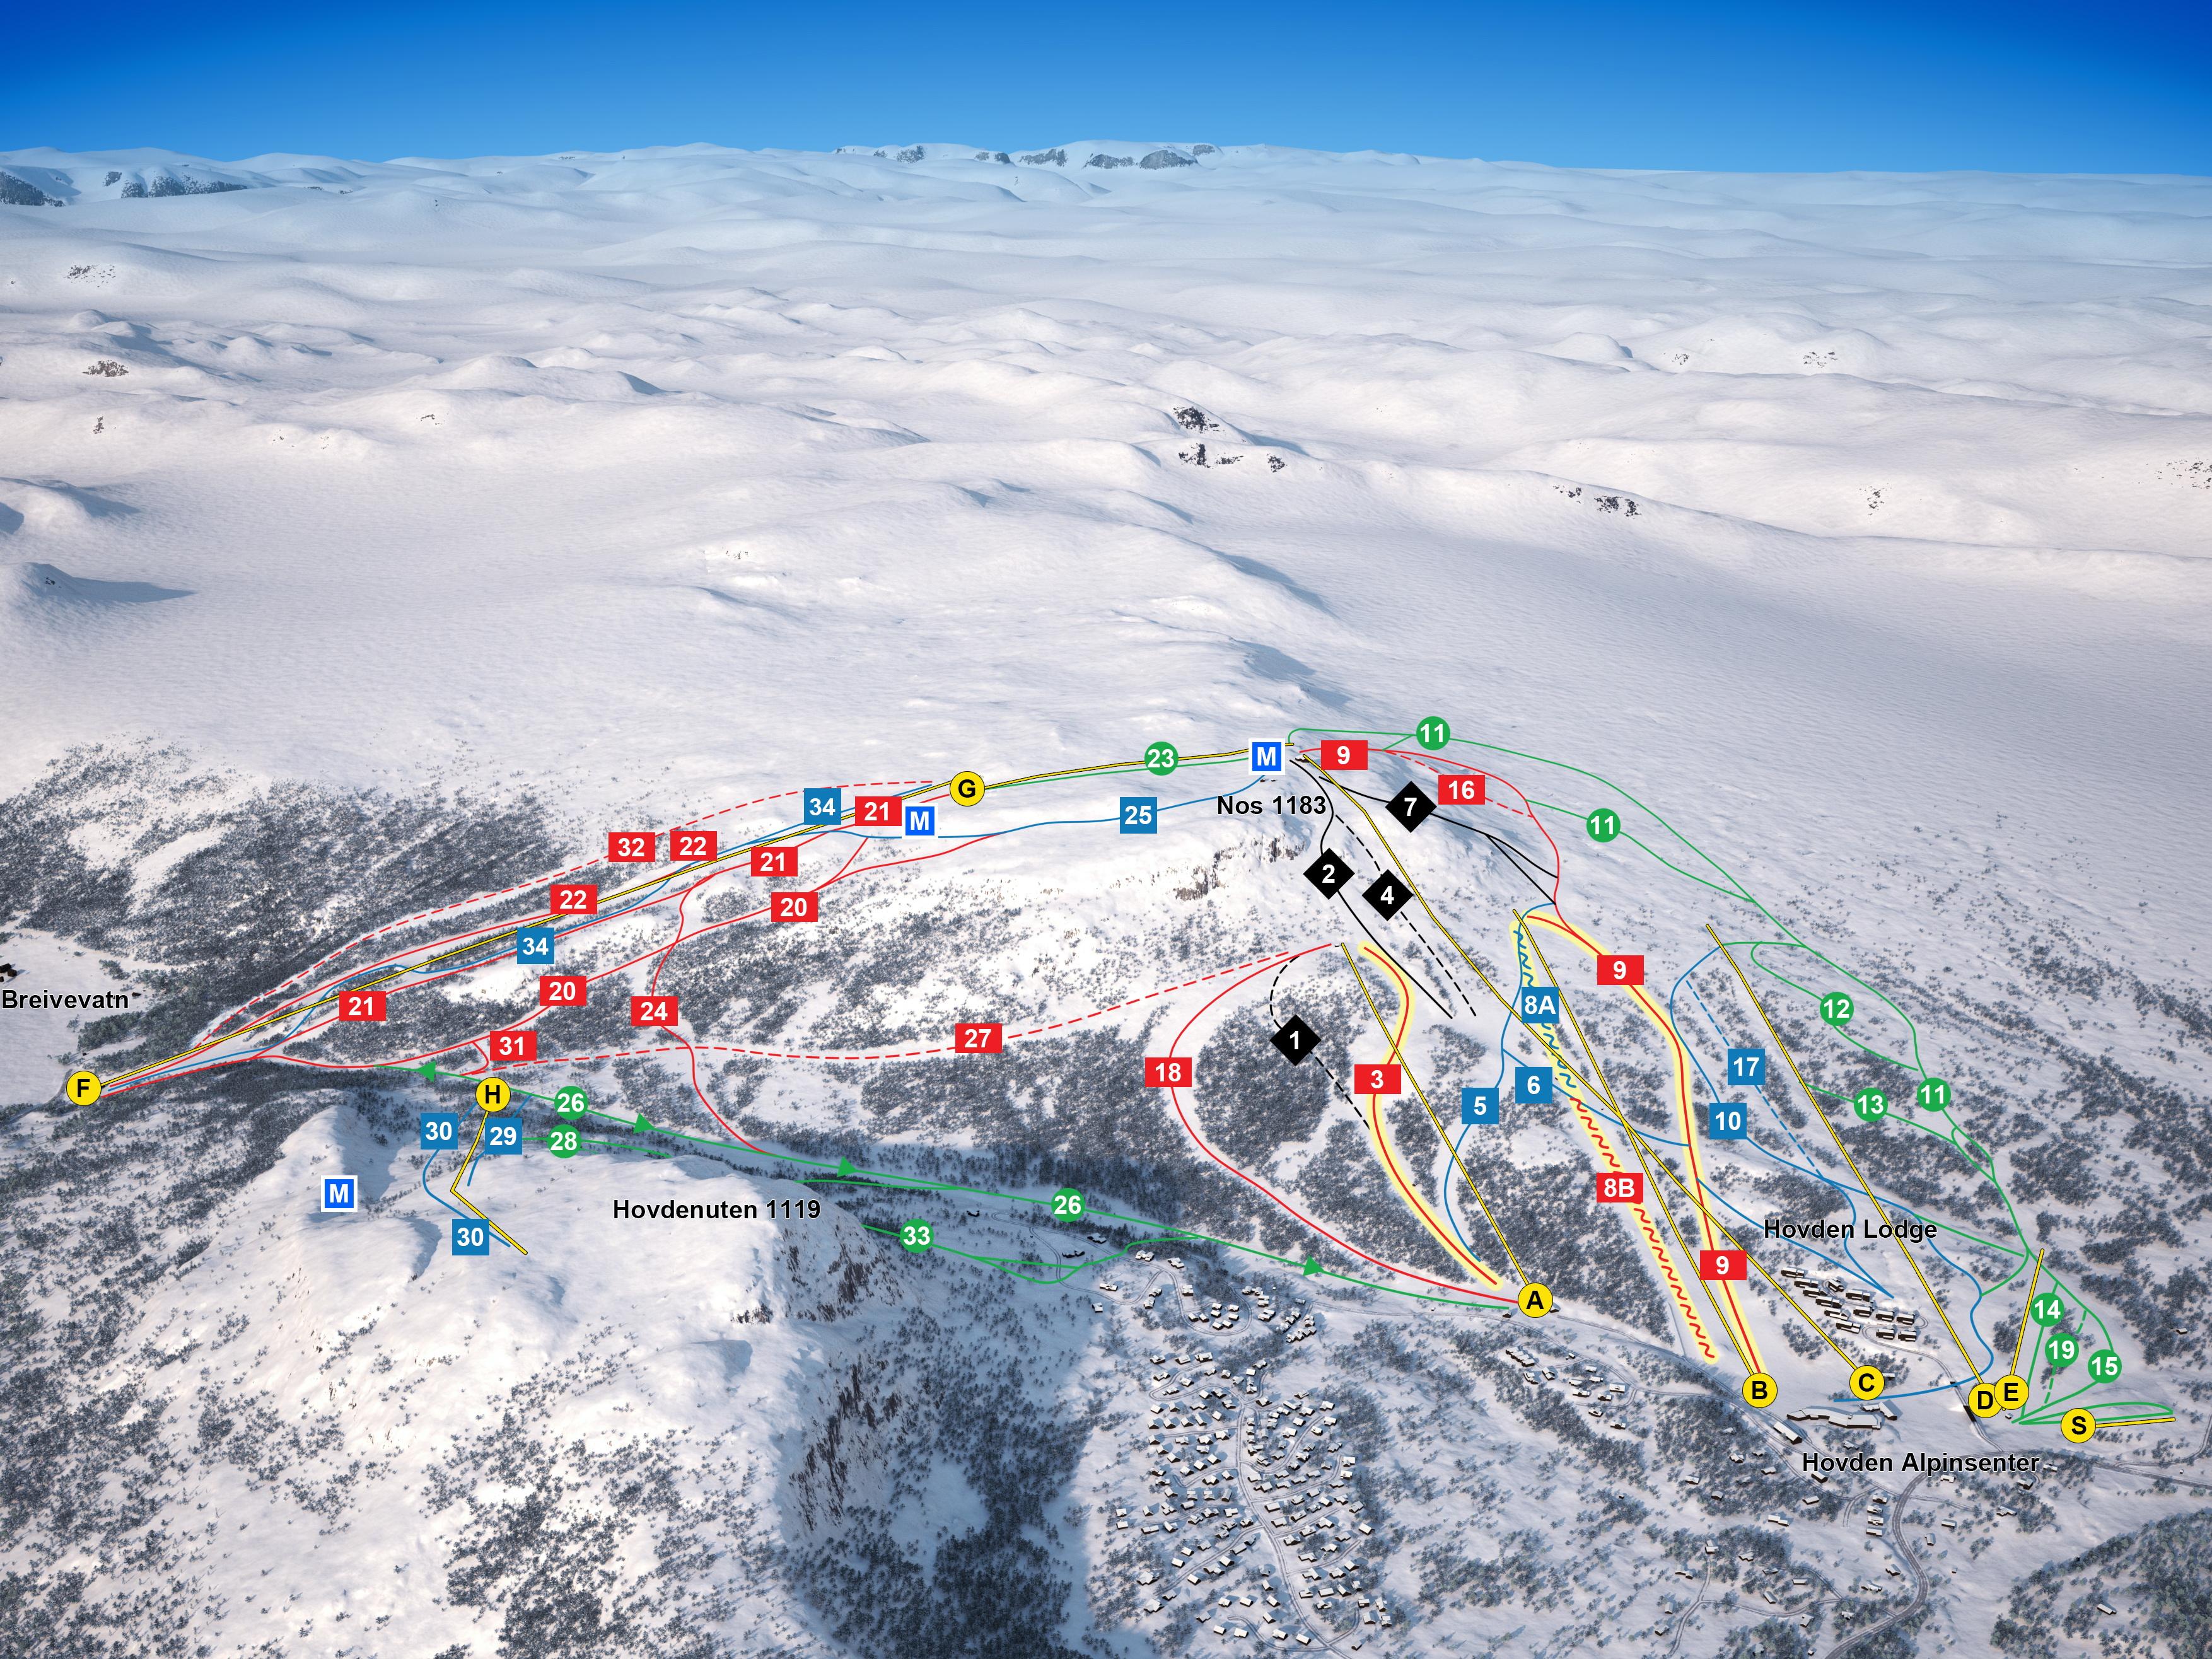 Hovden Alpinsenter